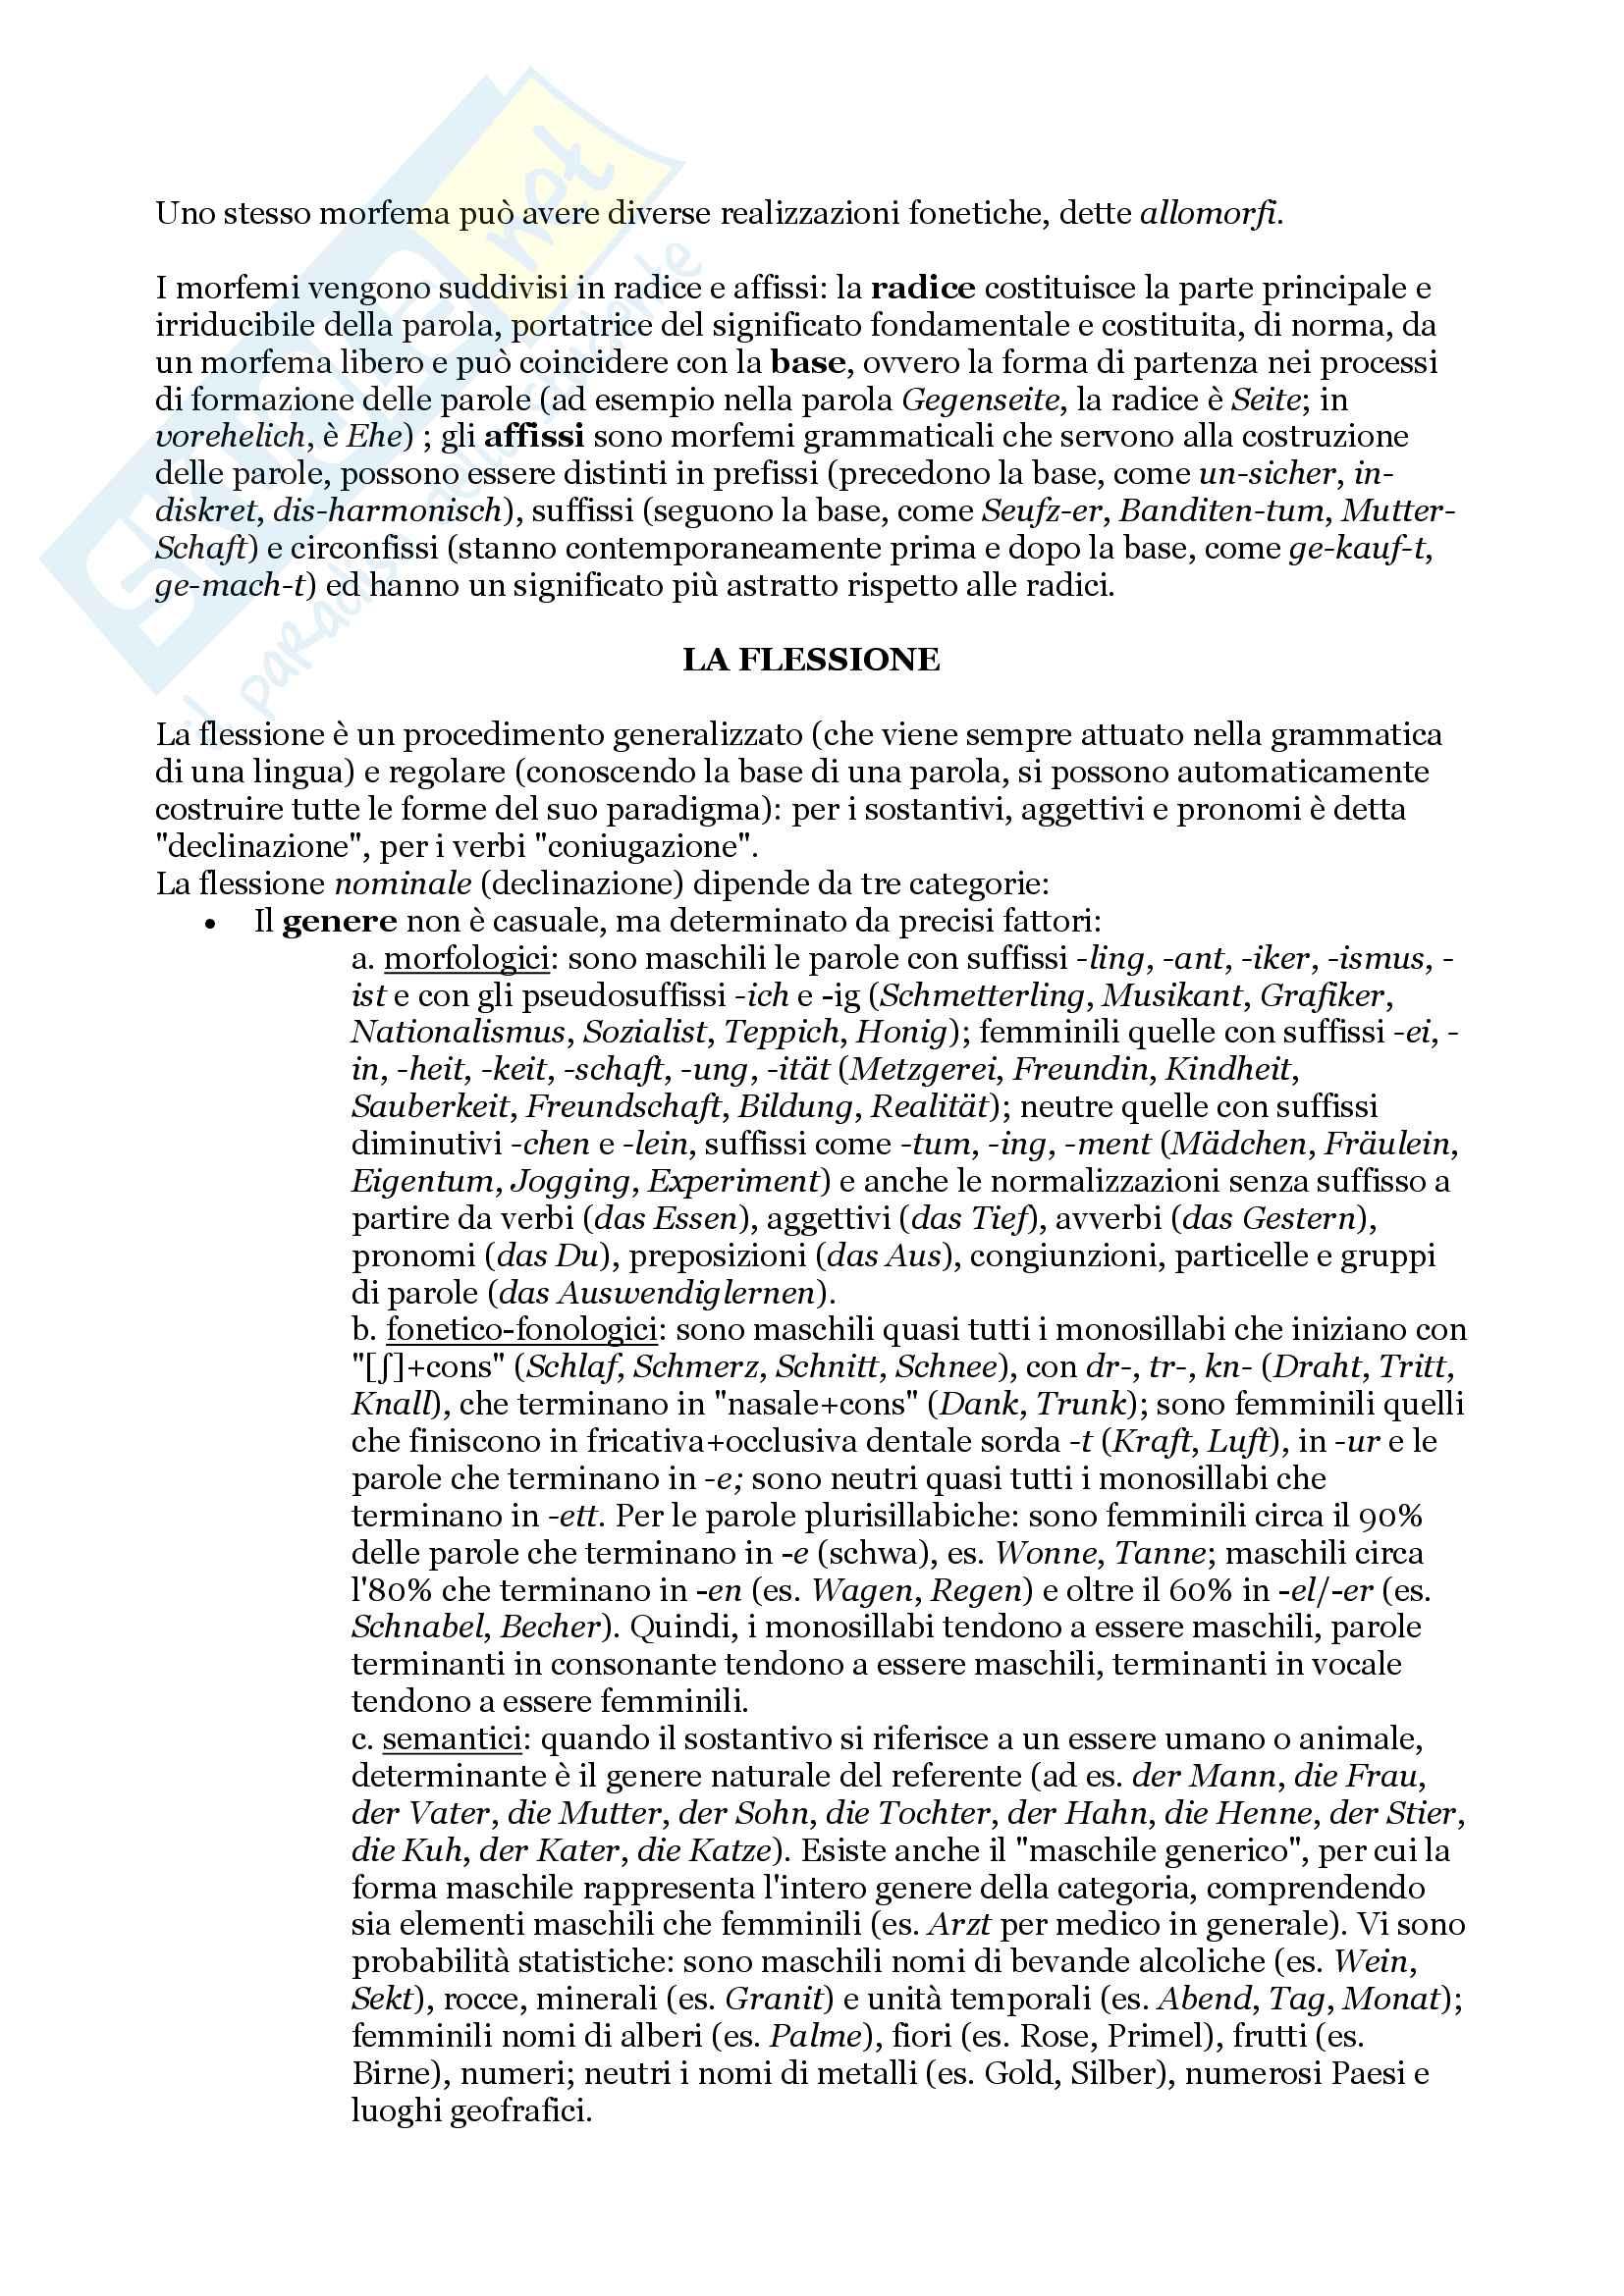 """Riassunto per l'esame di Lingua Tedesca I, prof. Di Meola, libro consigliato """"Linguistica Tedesca"""", cap. 1 e 2, Di Meola Pag. 6"""